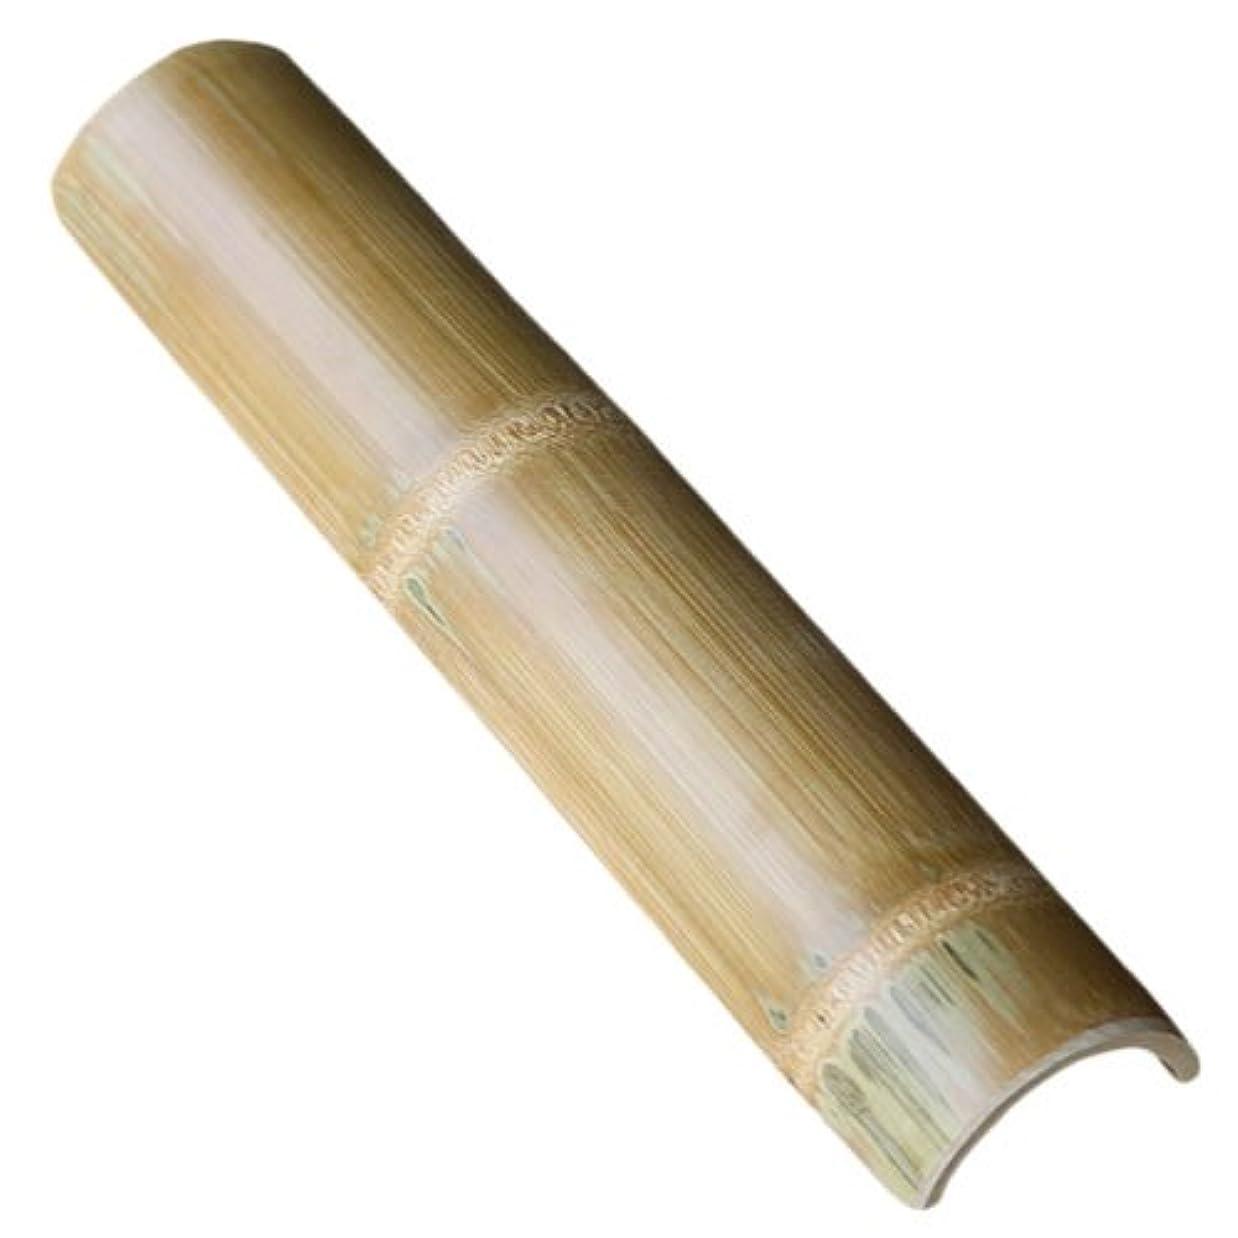 に対処する火星インフルエンザ【国産】炭化竹踏み 青竹を炭化加工して防虫、防カビ効果を向上させて美しく磨き上げた丈夫な二節付の竹踏み